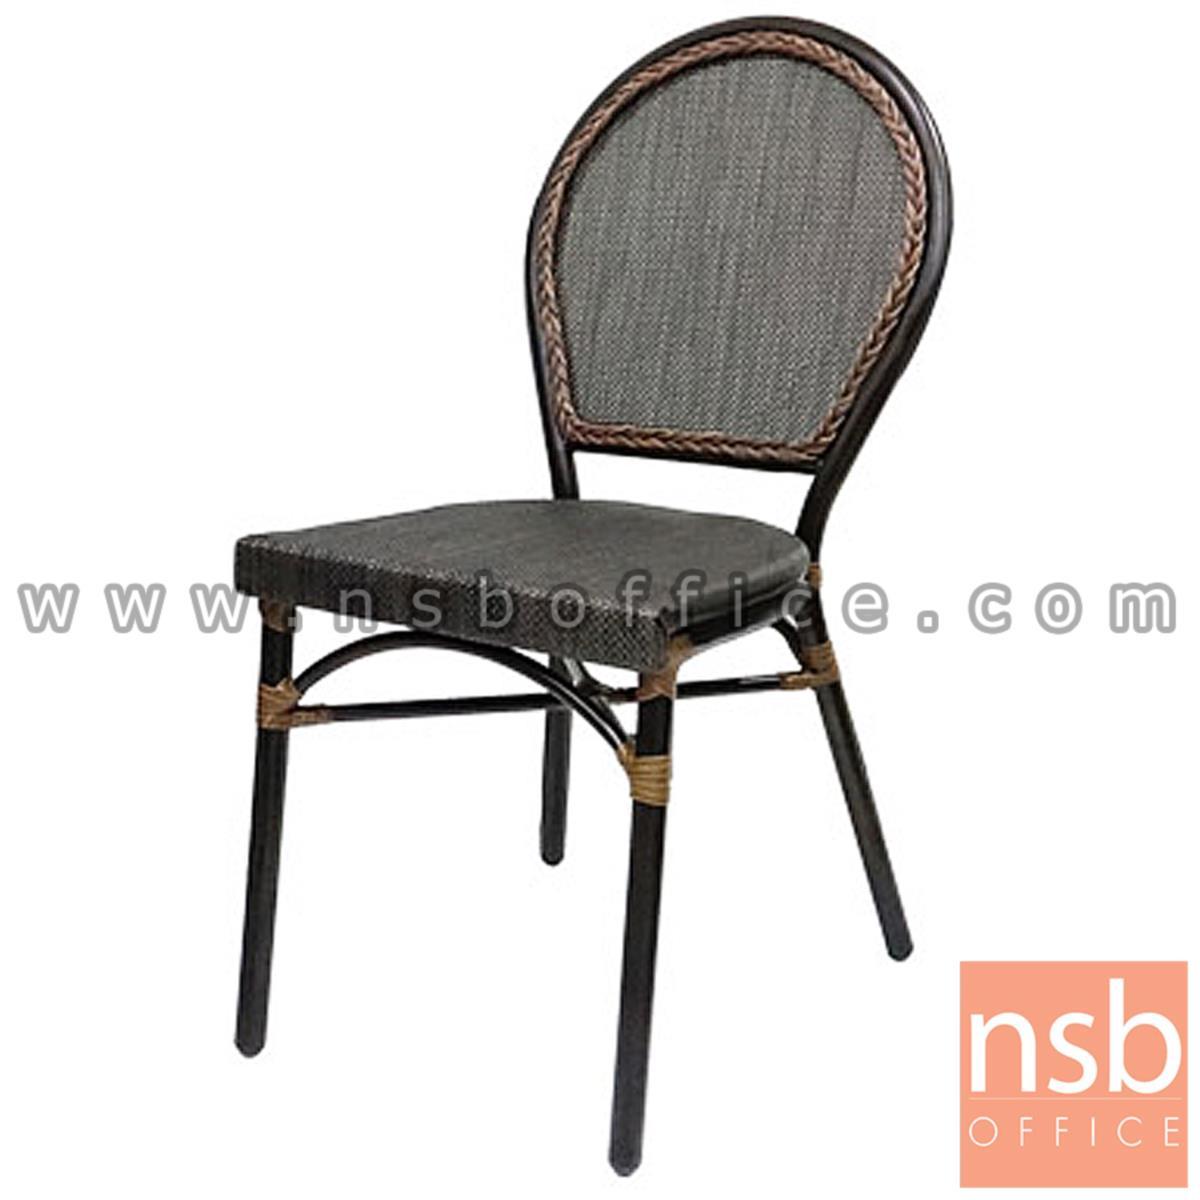 G08A242:เก้าอี้สนามหวายเทียมสาน โครงเหล็ก รุ่น Hypnotic ไม่มีท้าวแขน ผลิตสีน้ำตาล